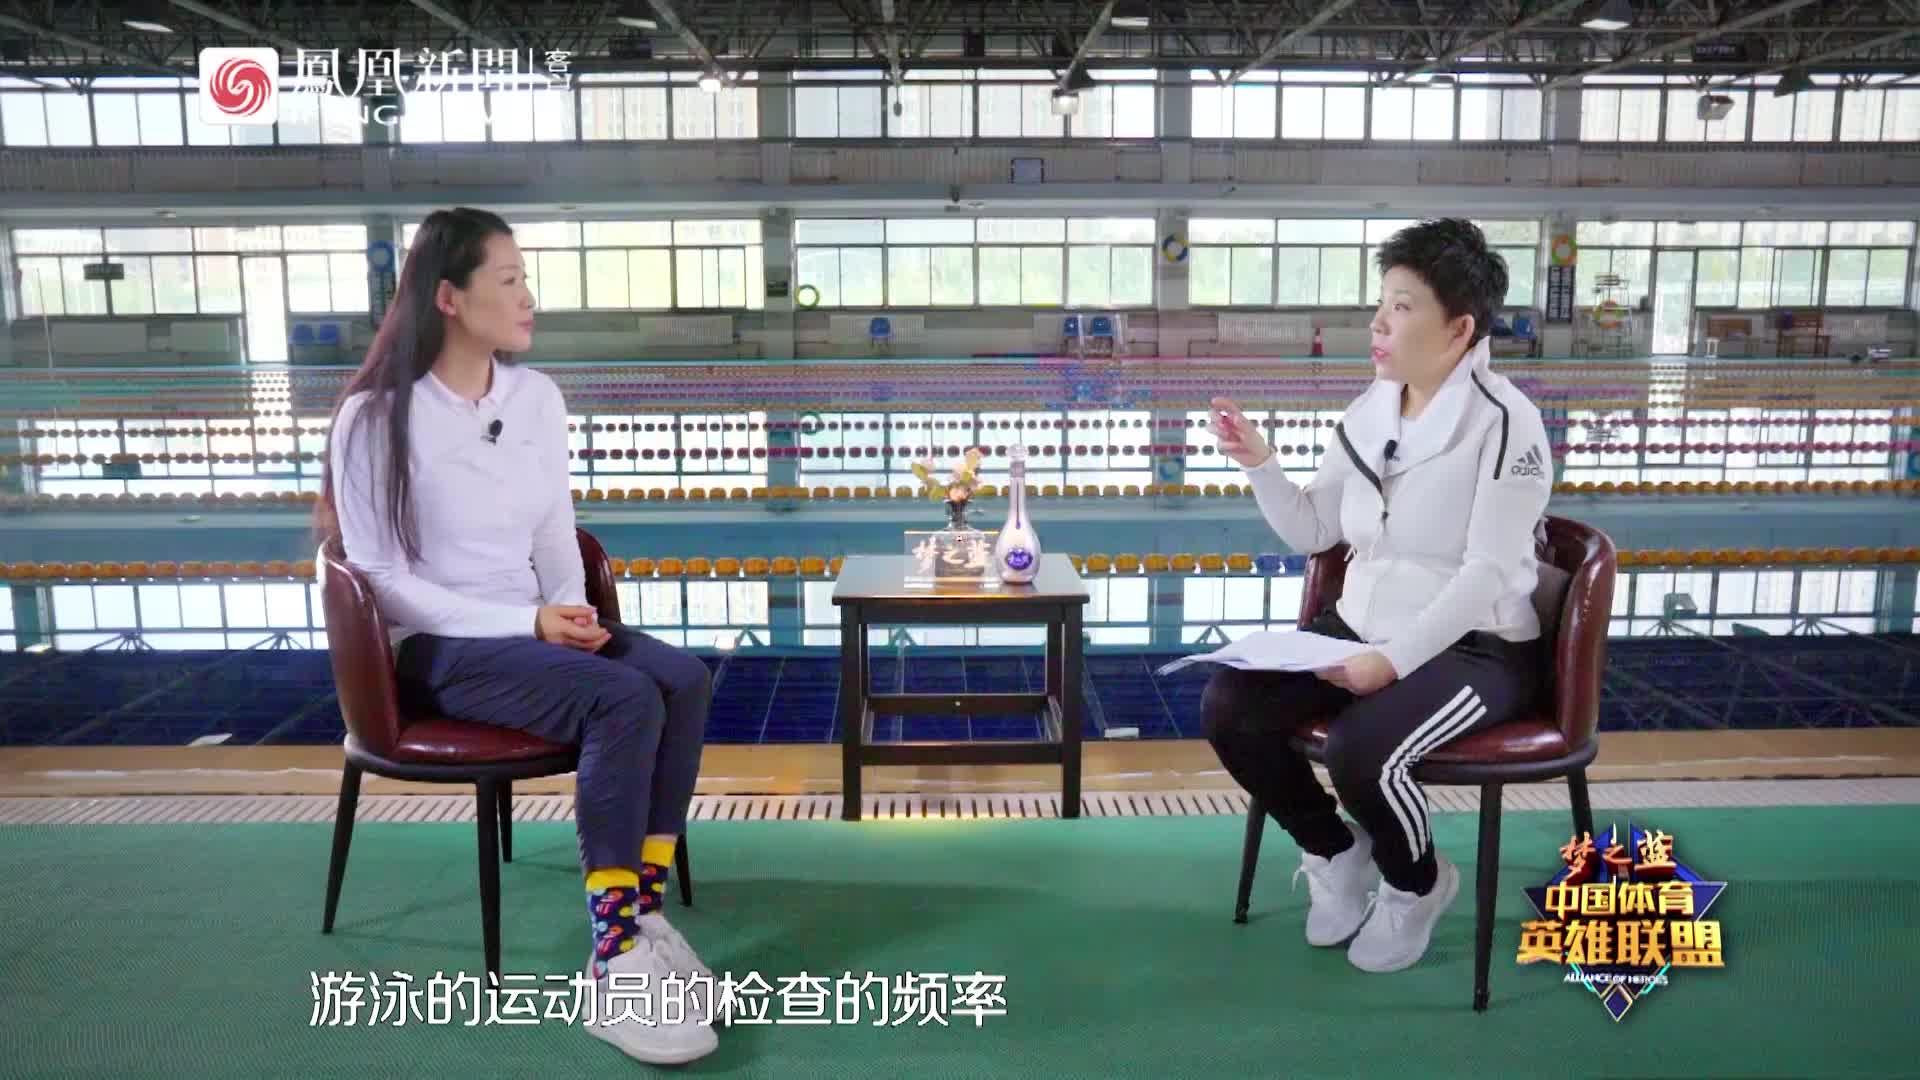 邓亚萍与罗雪娟:对运动员来说,兴奋剂检测很分散精力